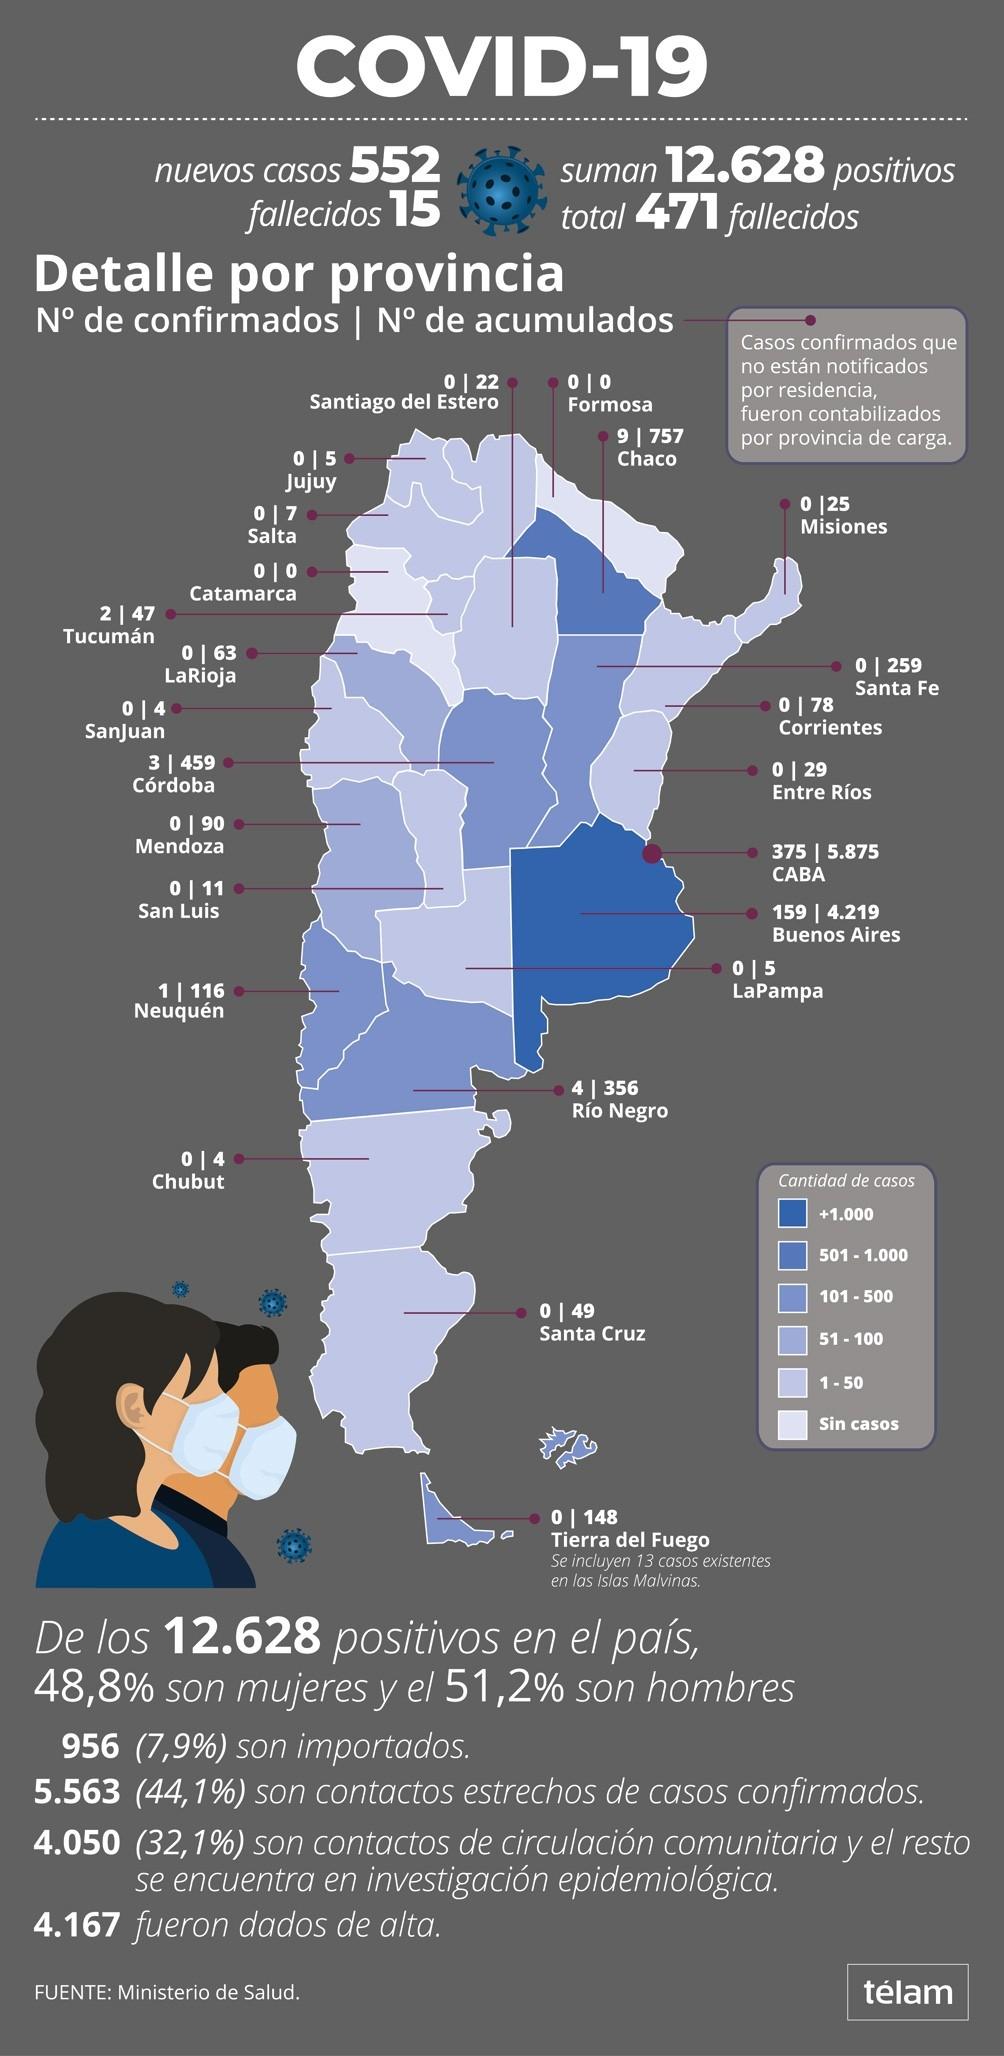 Informan cuatro nuevos fallecimientos y suman 471 los muertos por coronavirus en la Argentina